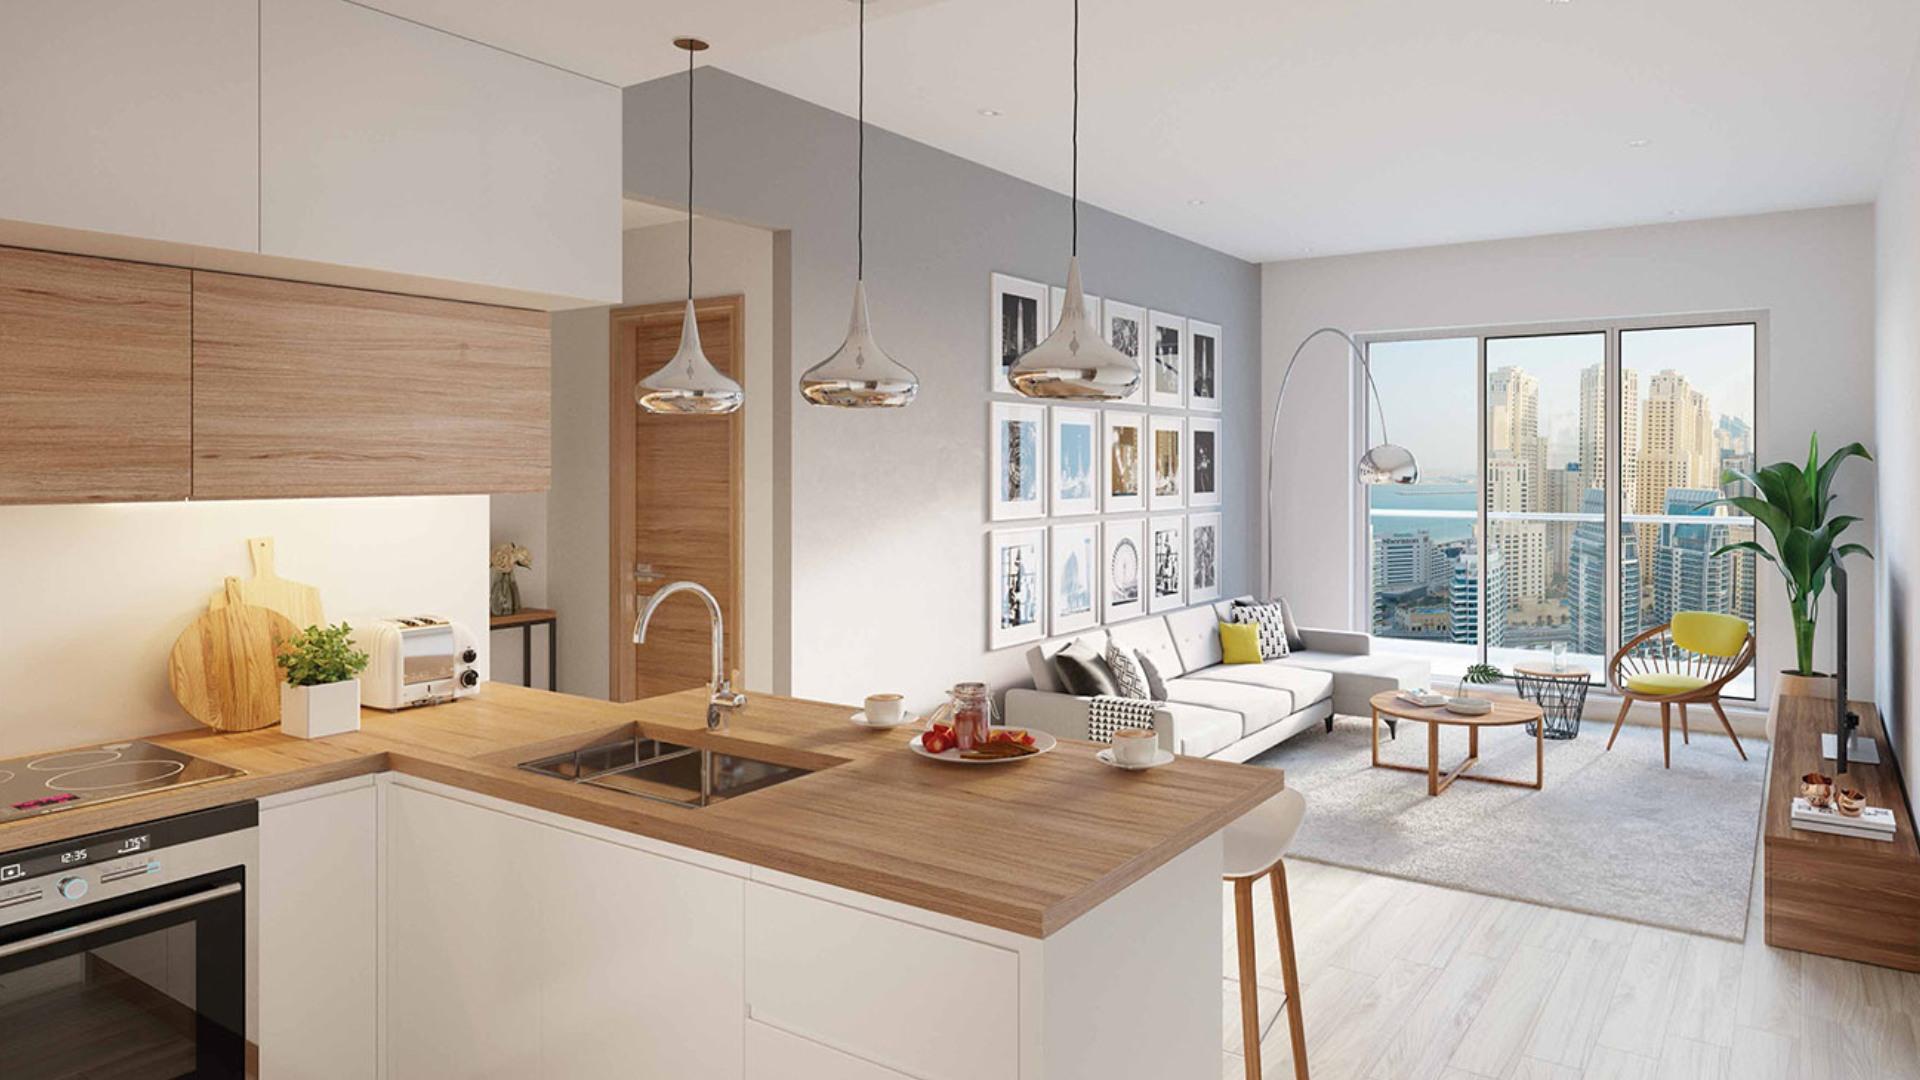 Apartamento en venta en Dubai, EAU, 2 dormitorios, 102 m2, № 24245 – foto 1